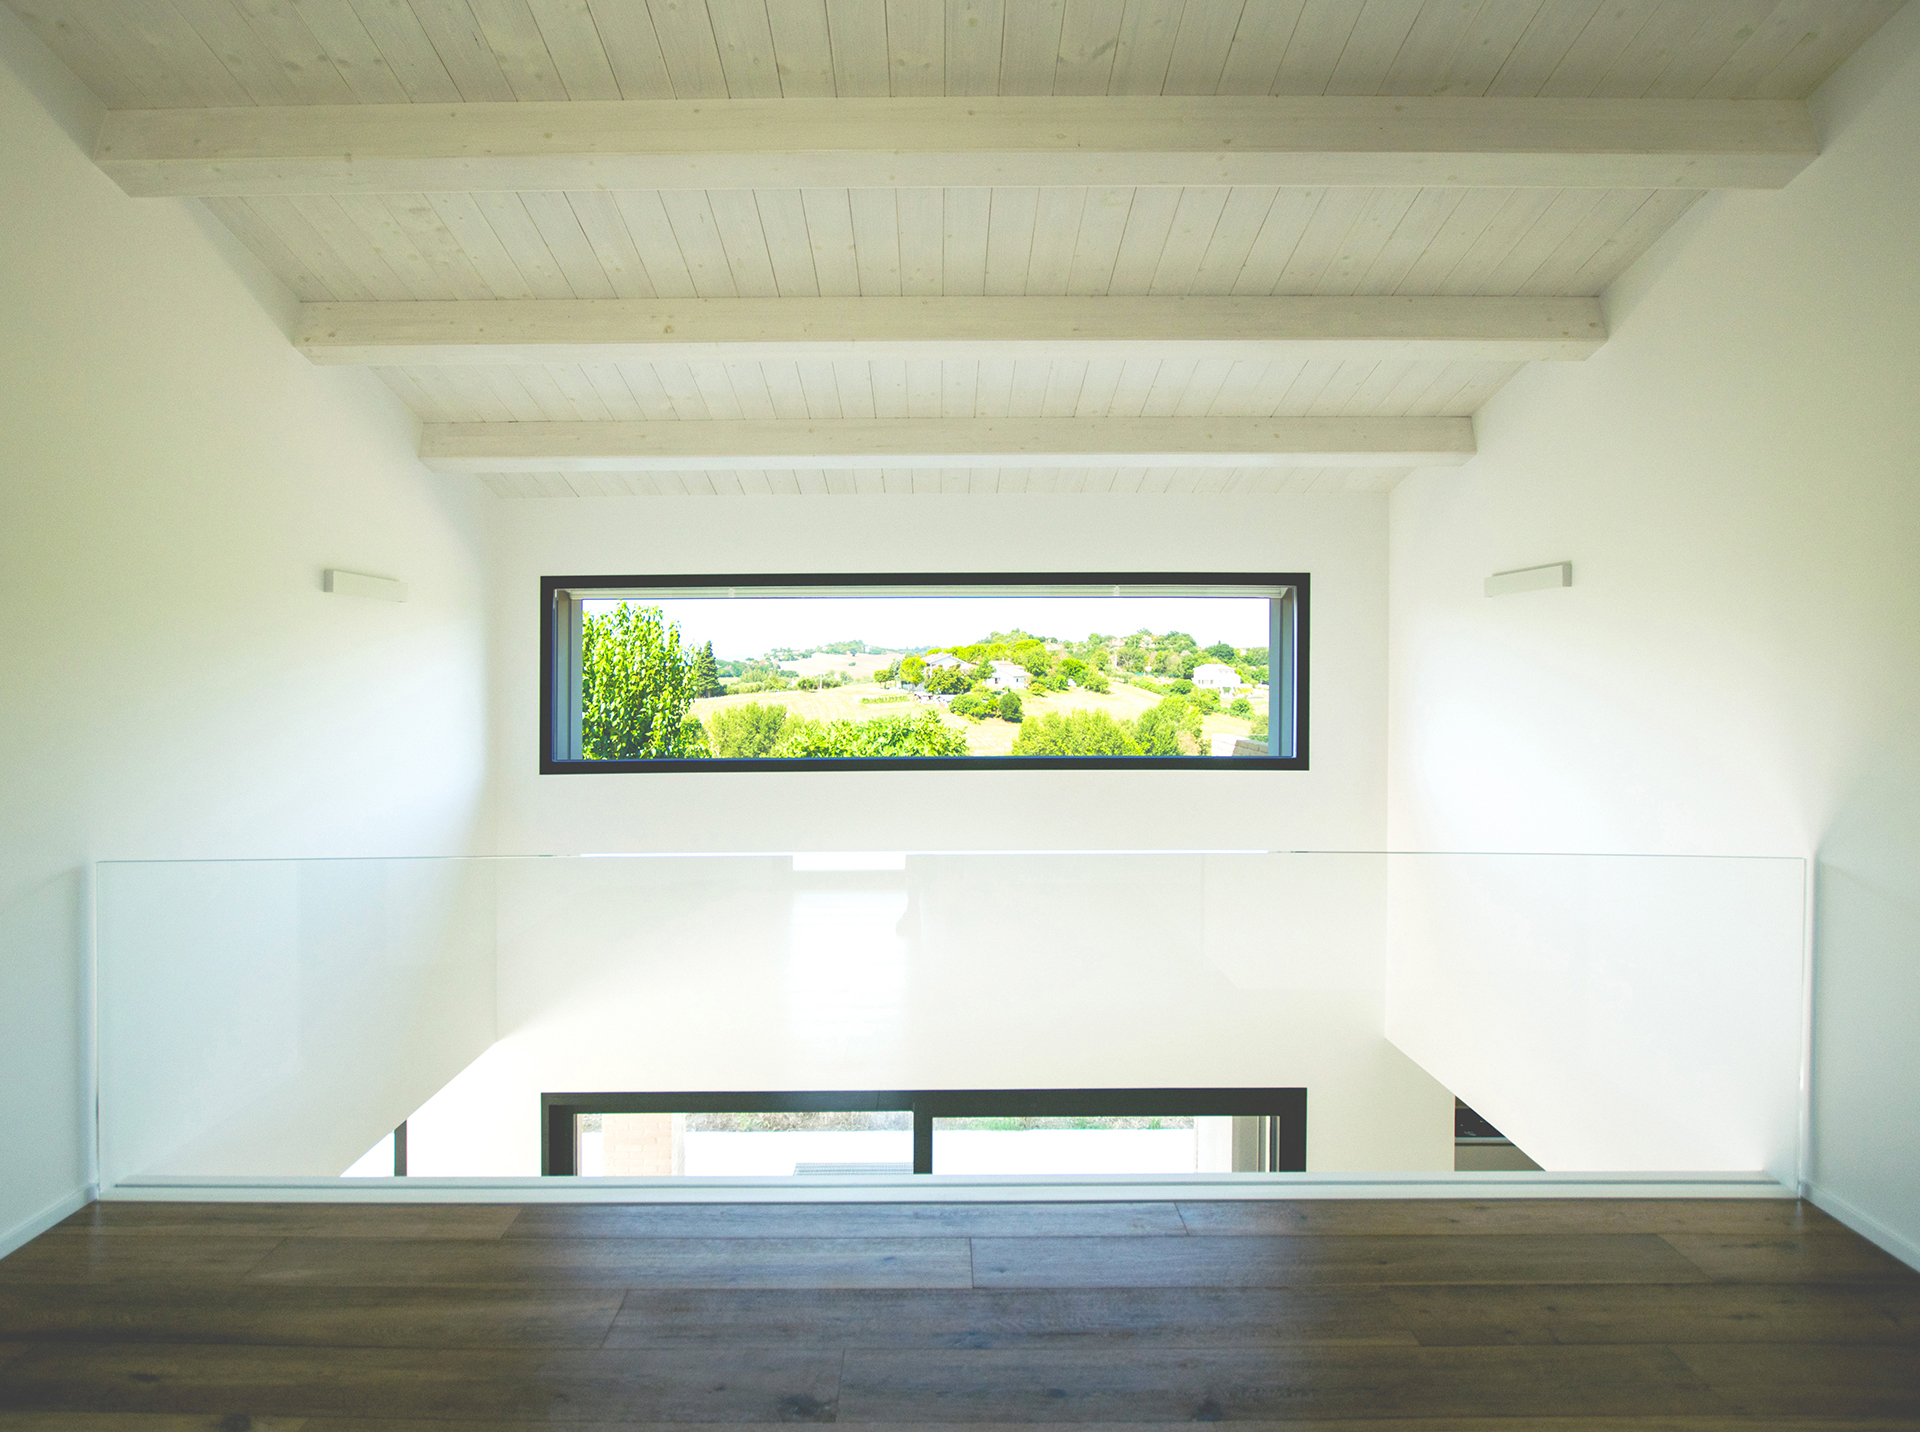 casa AI GR. dal ballatoio dove trova spazio una zona lettura ci si affaccia sulla zona giorno. In fondo l'ampia vetrata da cui si può ammirare il panorama delle campagne Jesine circostanti.